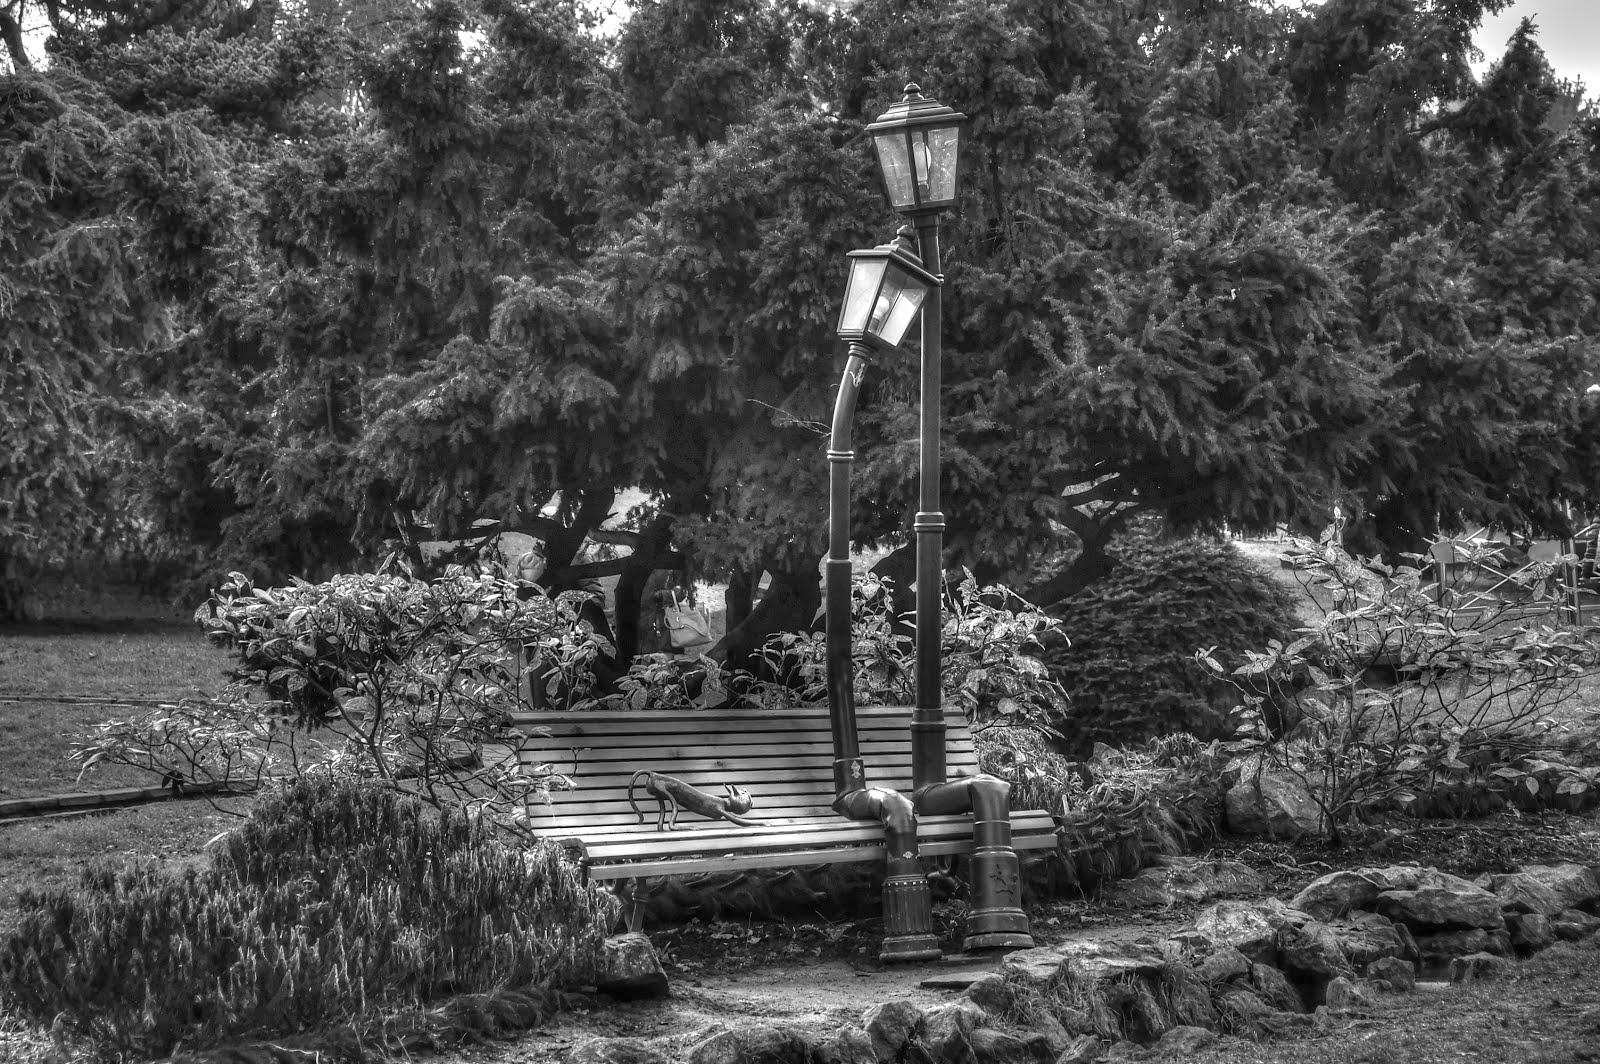 Panchina Con Lampioni Seduti : Torino lampioni innamorati al parco del valentino